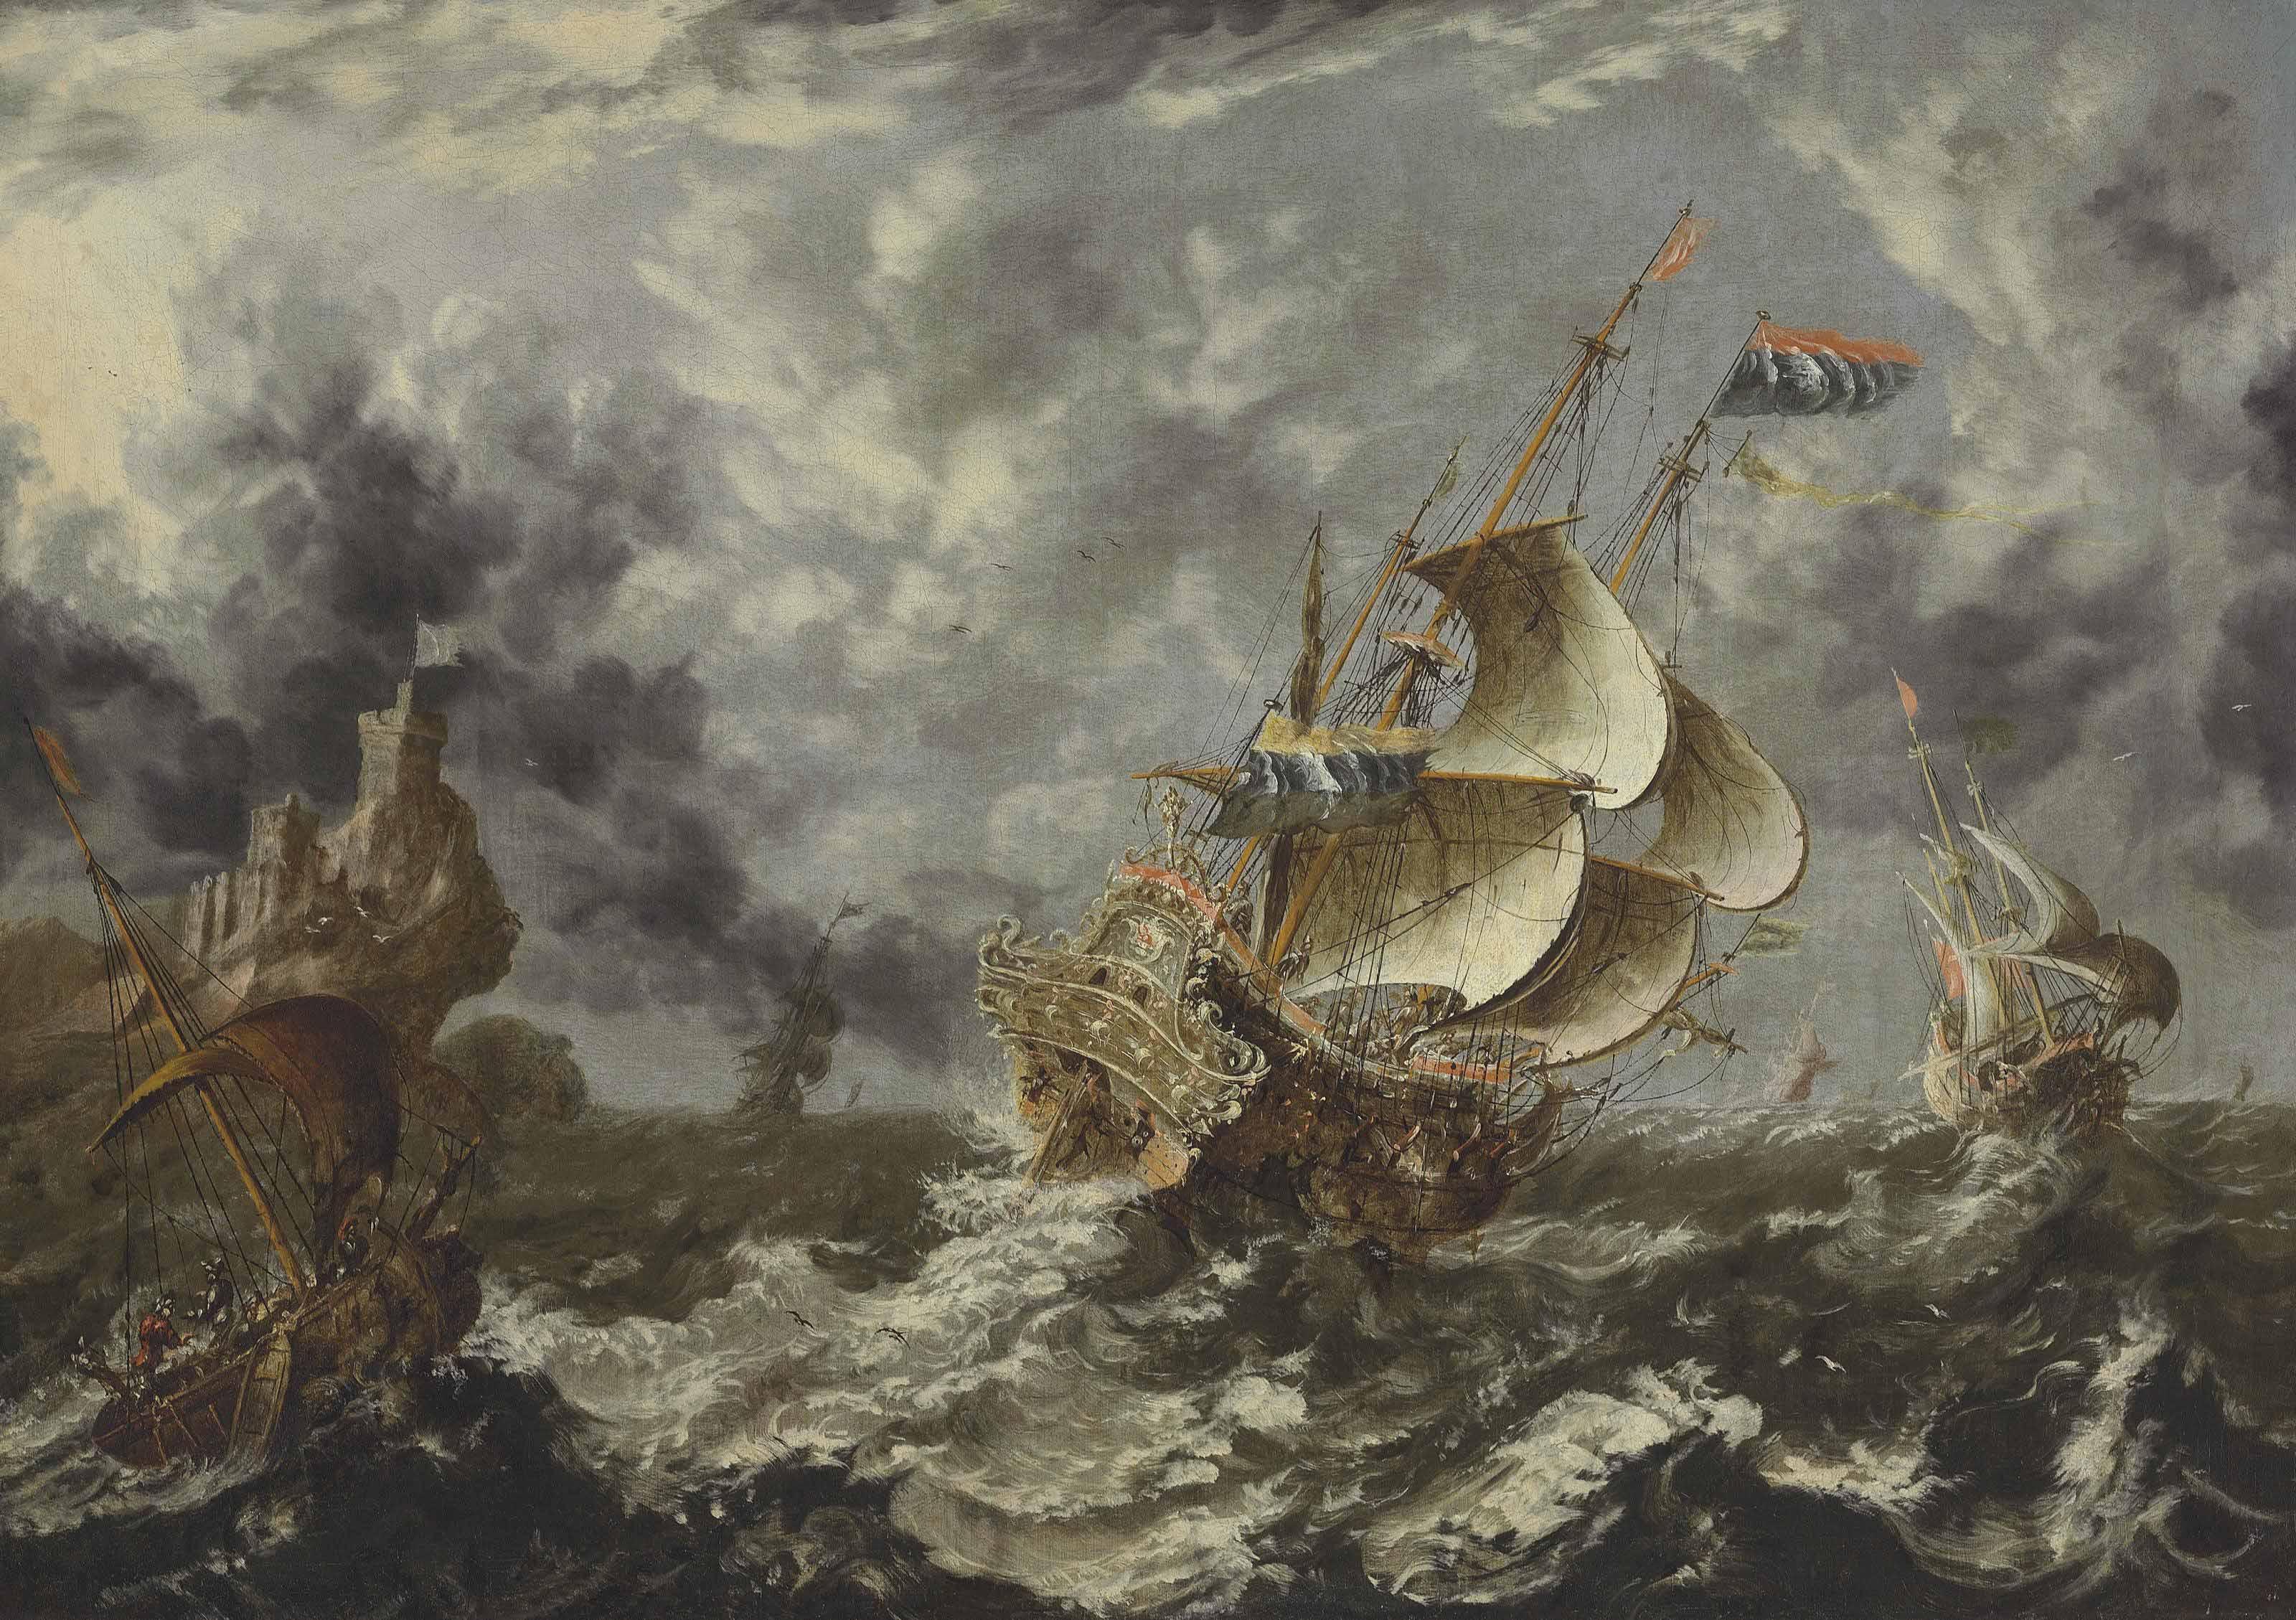 Warships in choppy seas